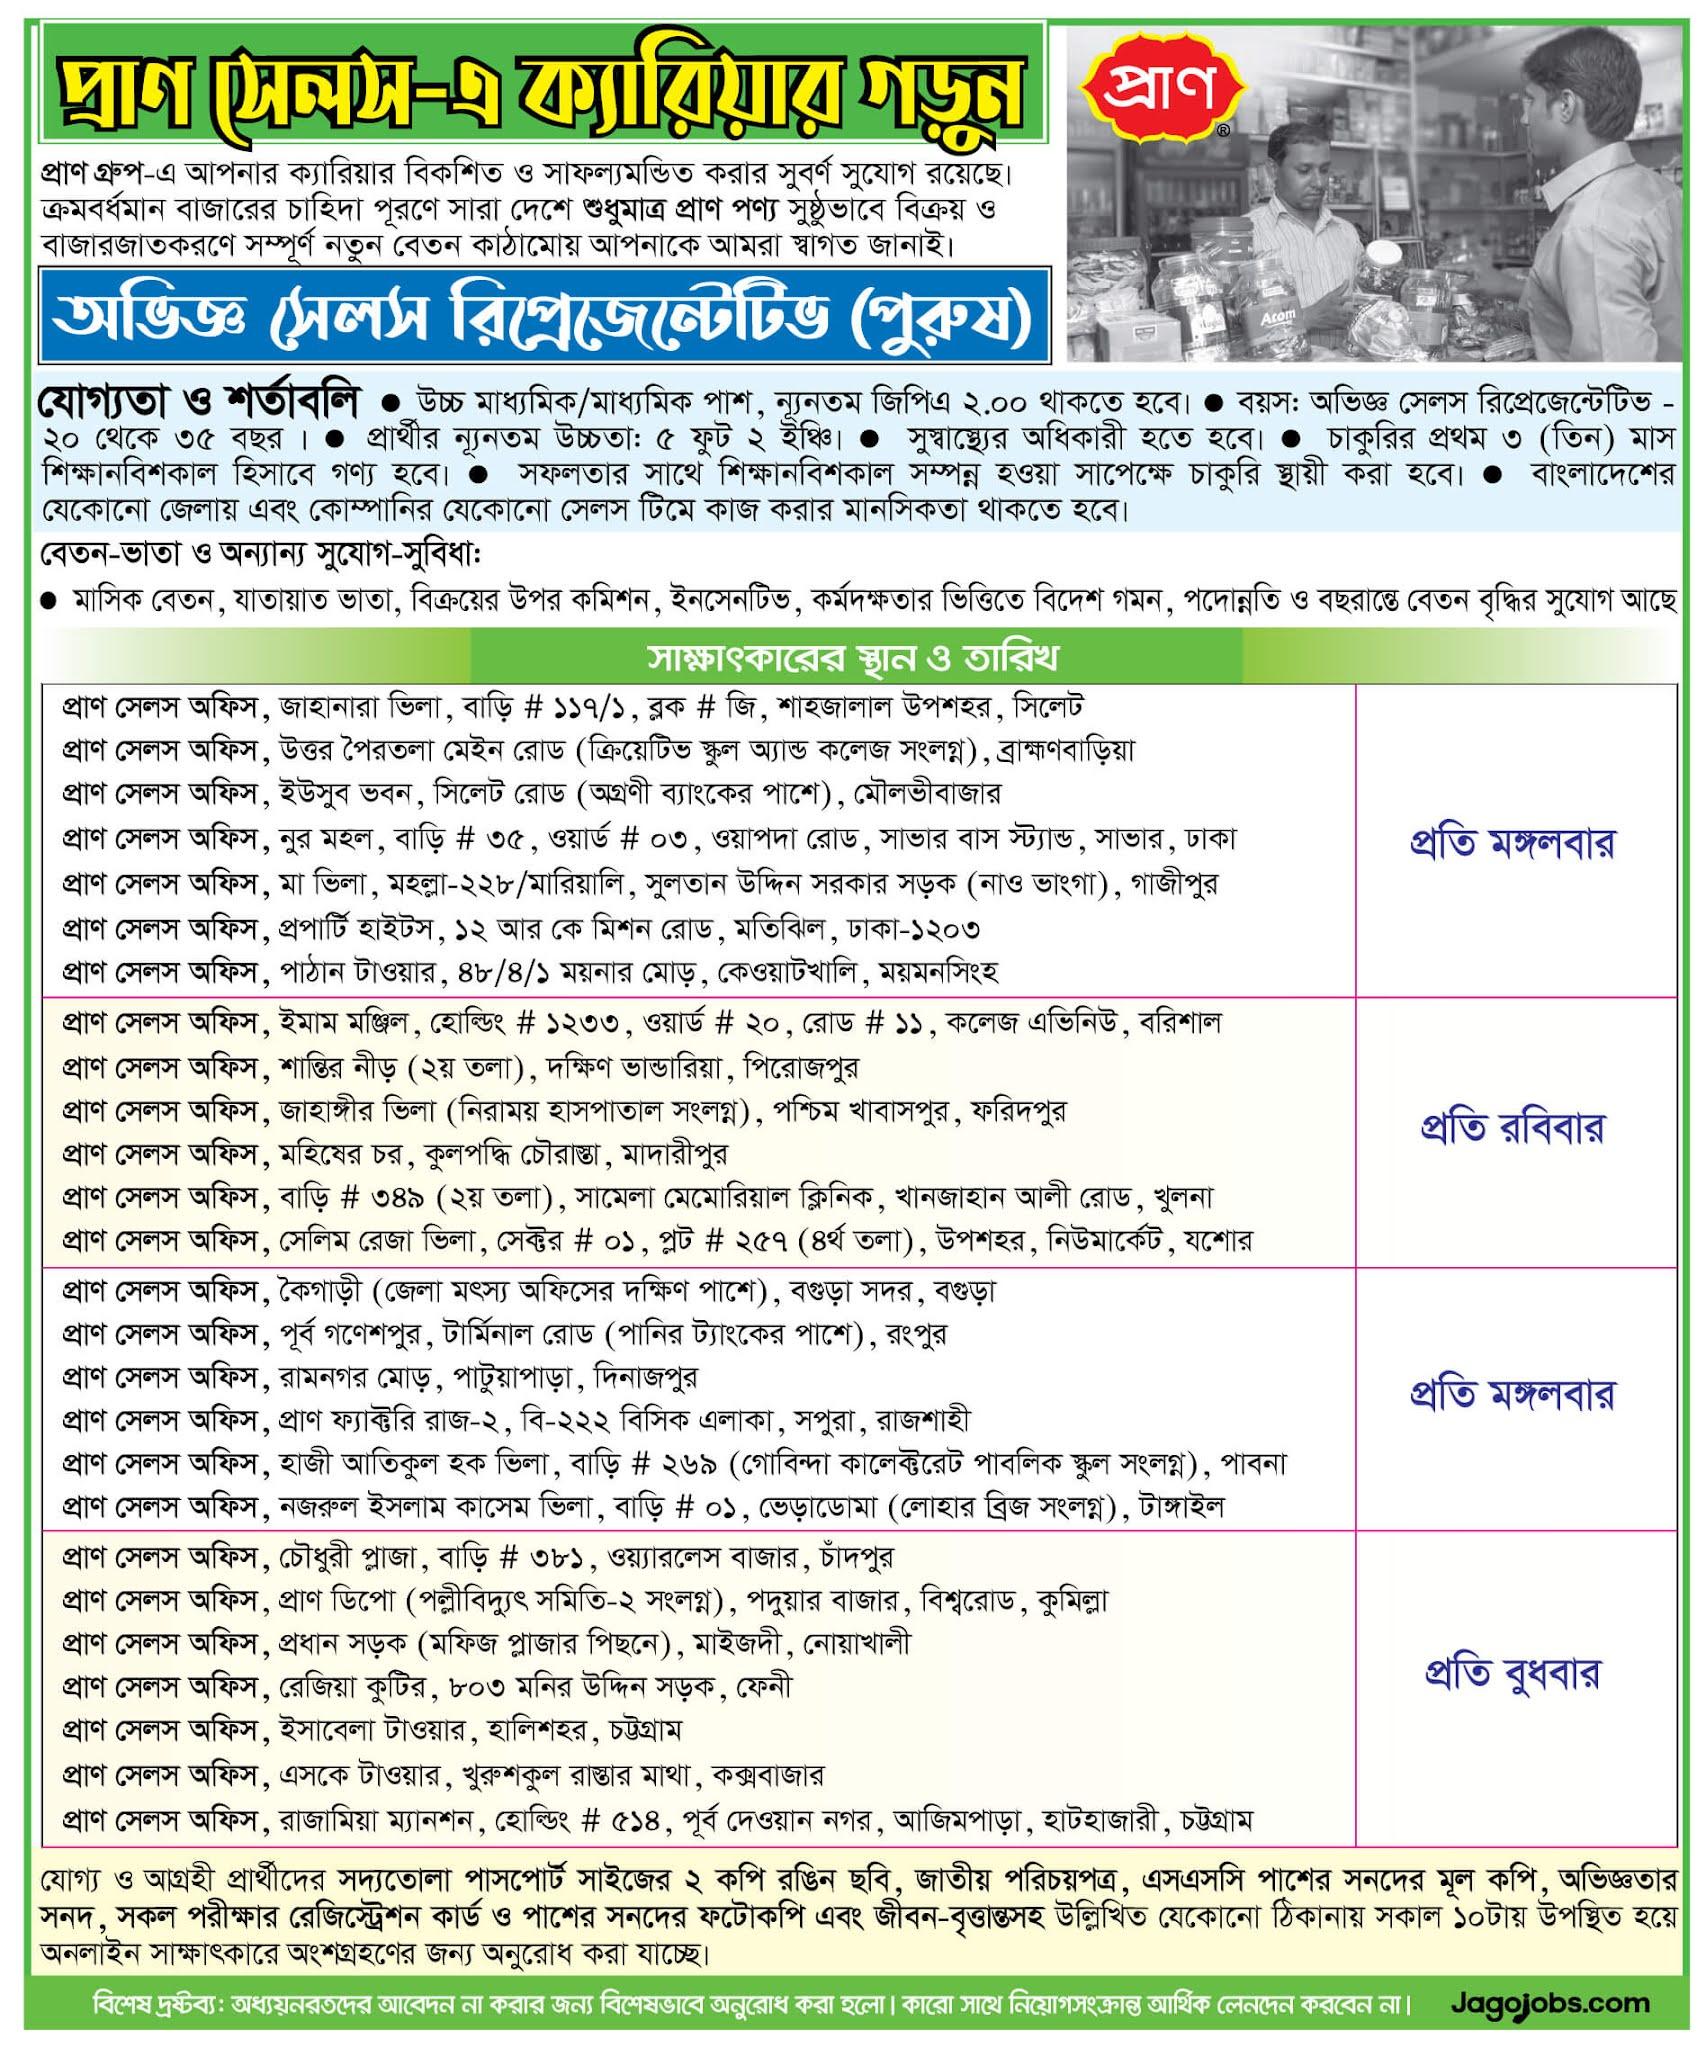 এইচএসসি পাসে প্রাণ-আরএফএল গ্রুপে চাকরির খবর ২০২১ - Job News in Pran-RFL Group near HSC 2021 -ভিবিন্ন কোম্পানির চাকরির খবর ২০২১-২০২২